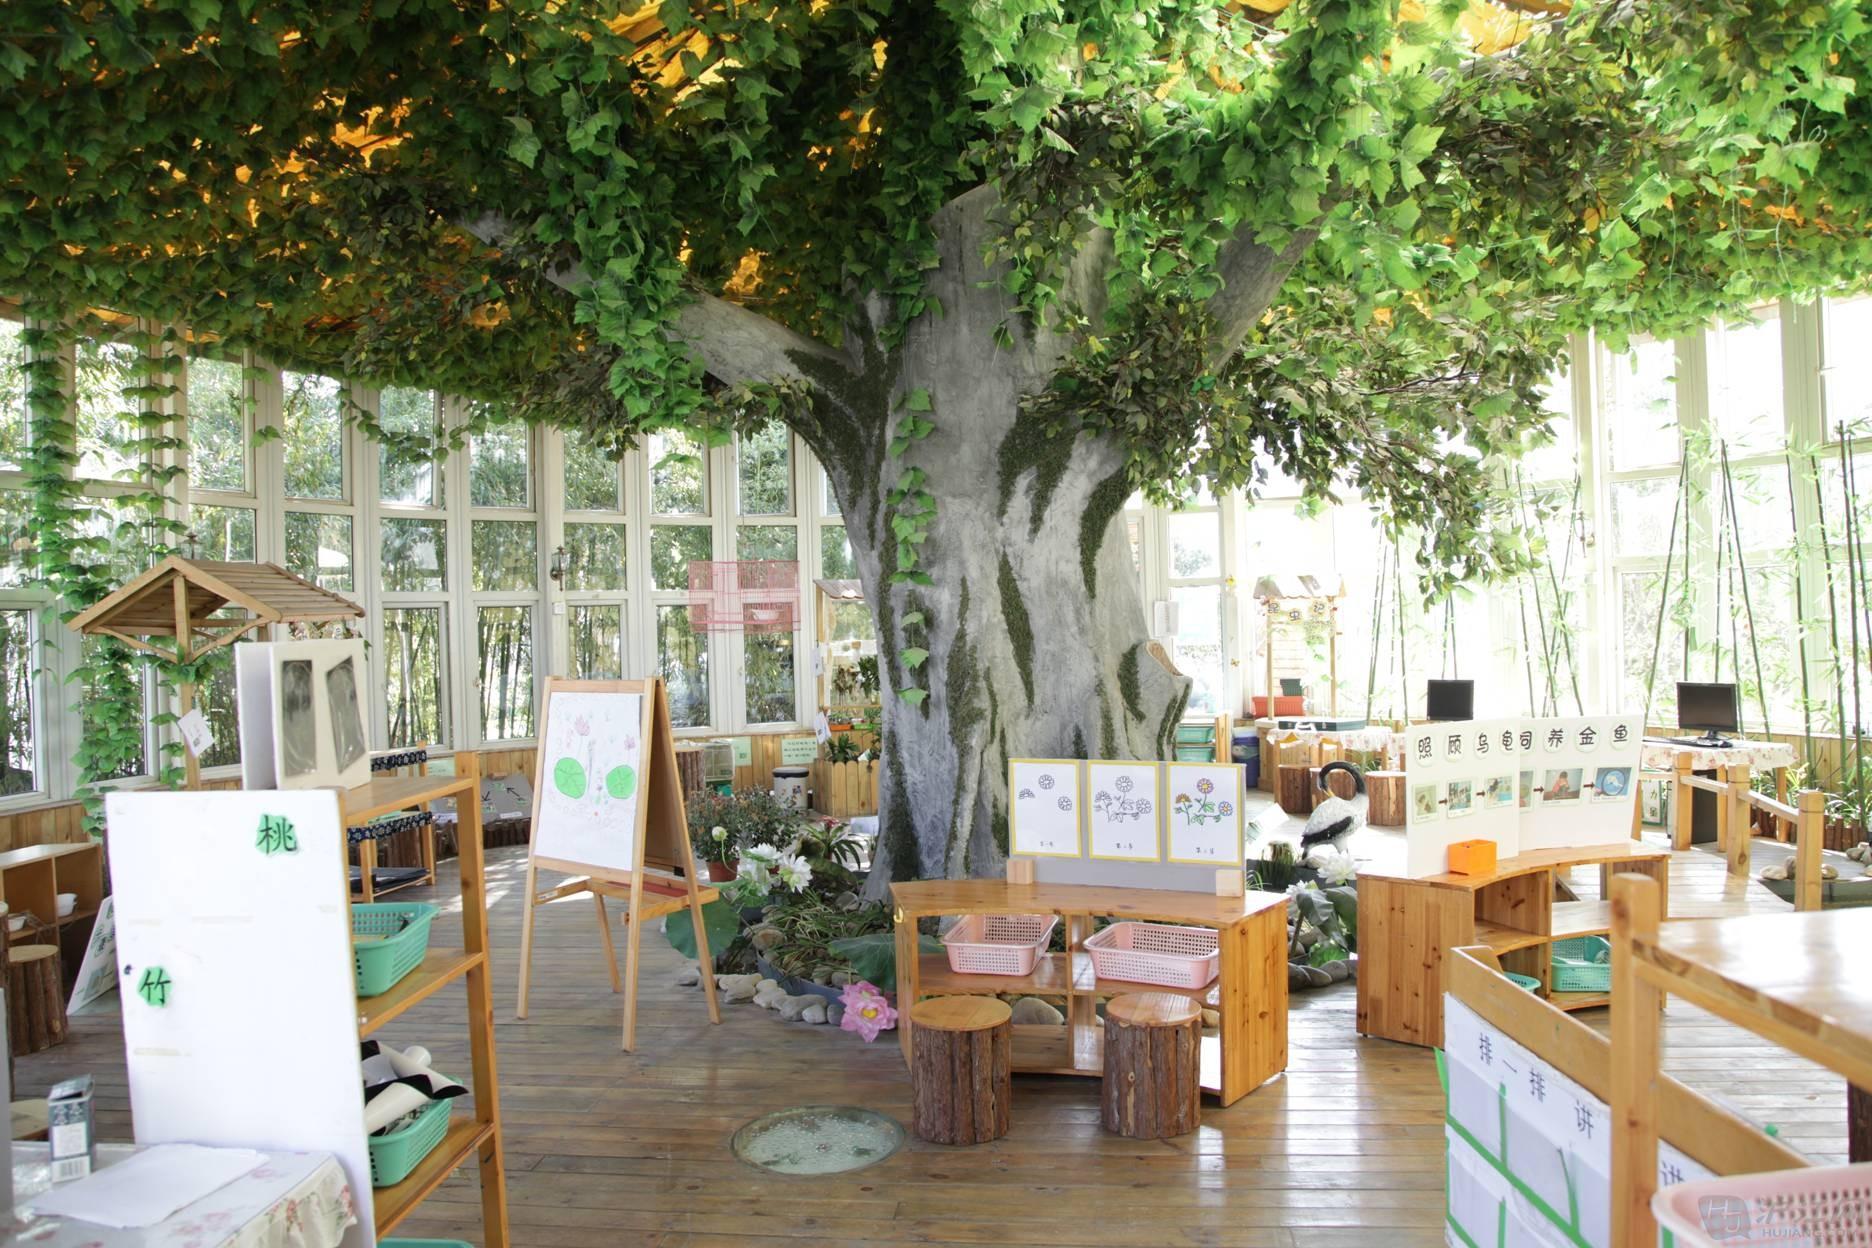 嘉定区重点幼儿园:2014年安亭幼儿园招生信息